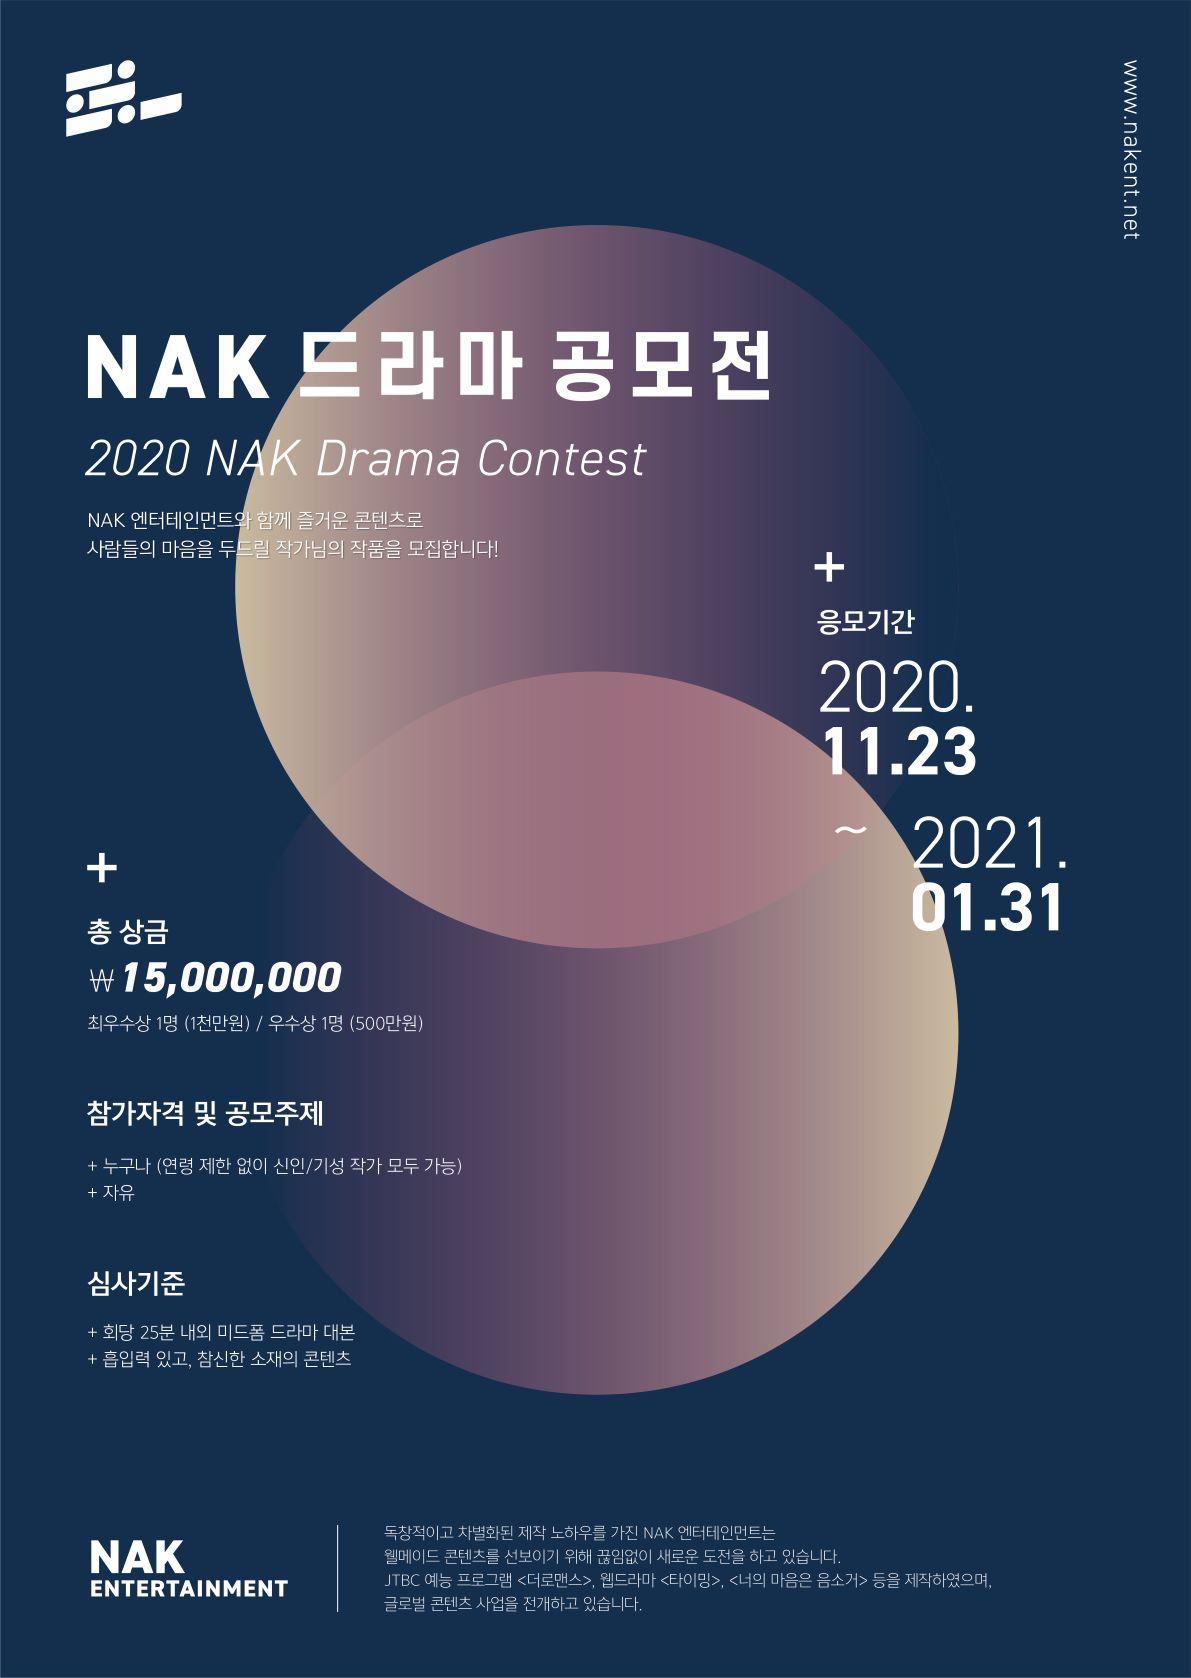 NAK 드라마 공모전